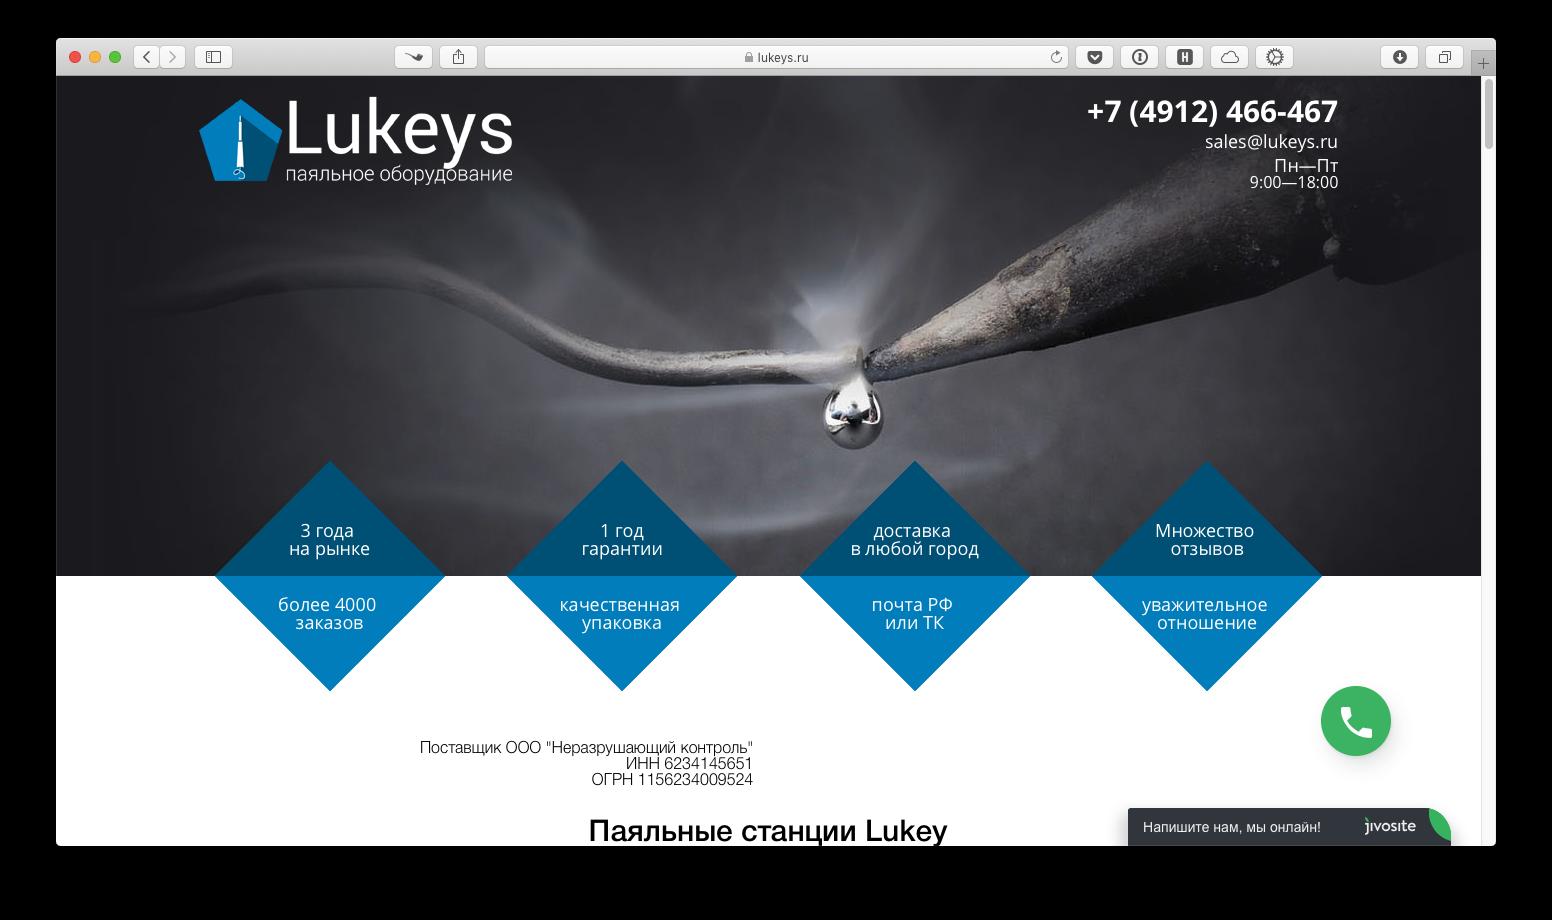 Интернет-магазин паяльного оборудования Lukeys